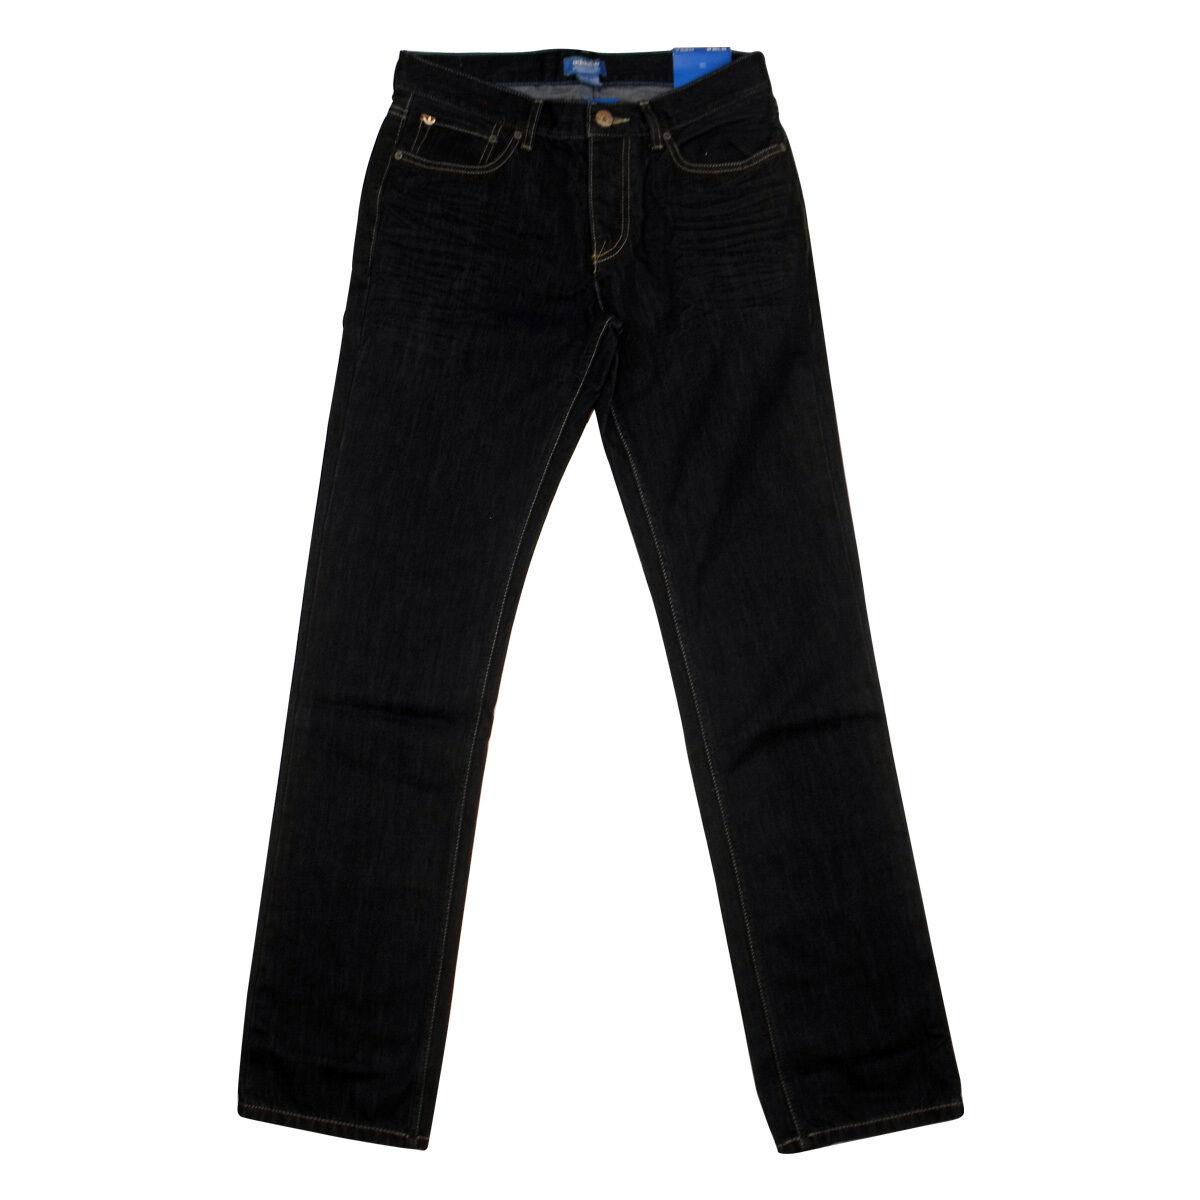 Férfi Adidas Originals M Slim Fit farmer kék kollekció Sötét farmer Jean W29-W30